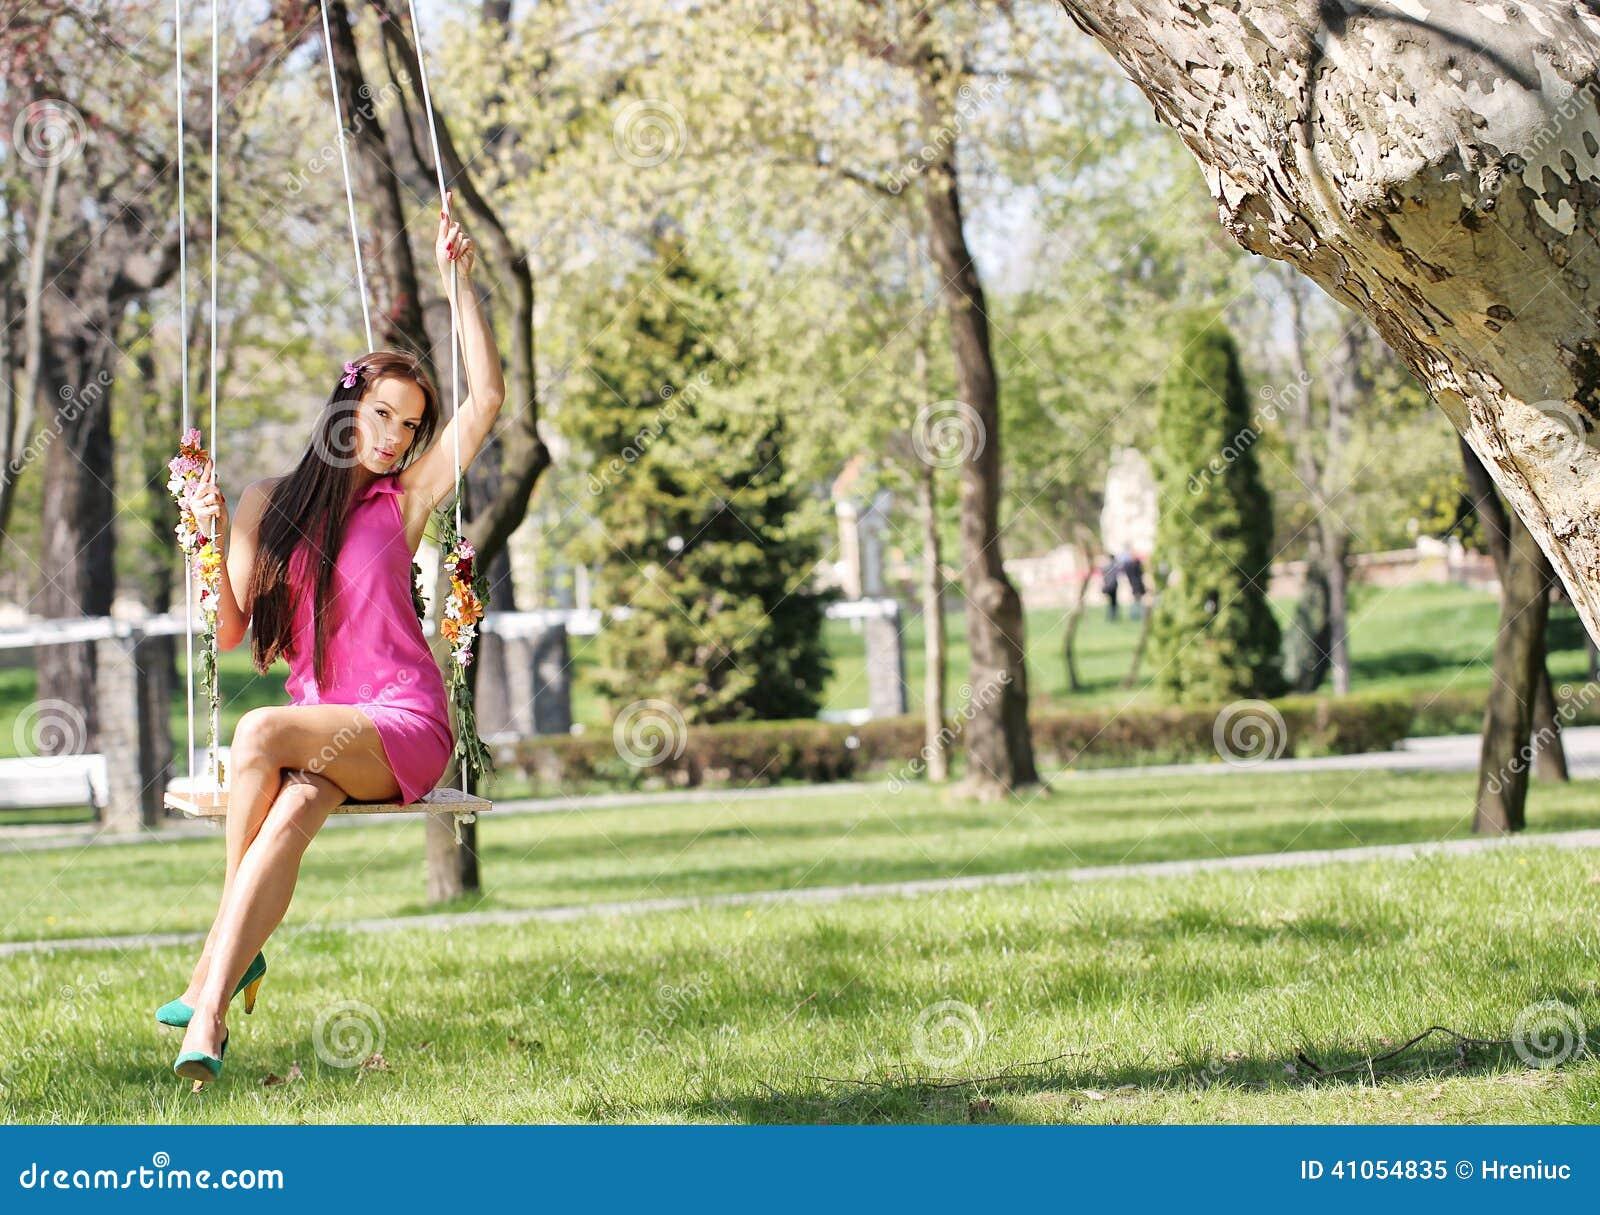 Pink Purple Dress Lady On A Swing Stock Photo Image